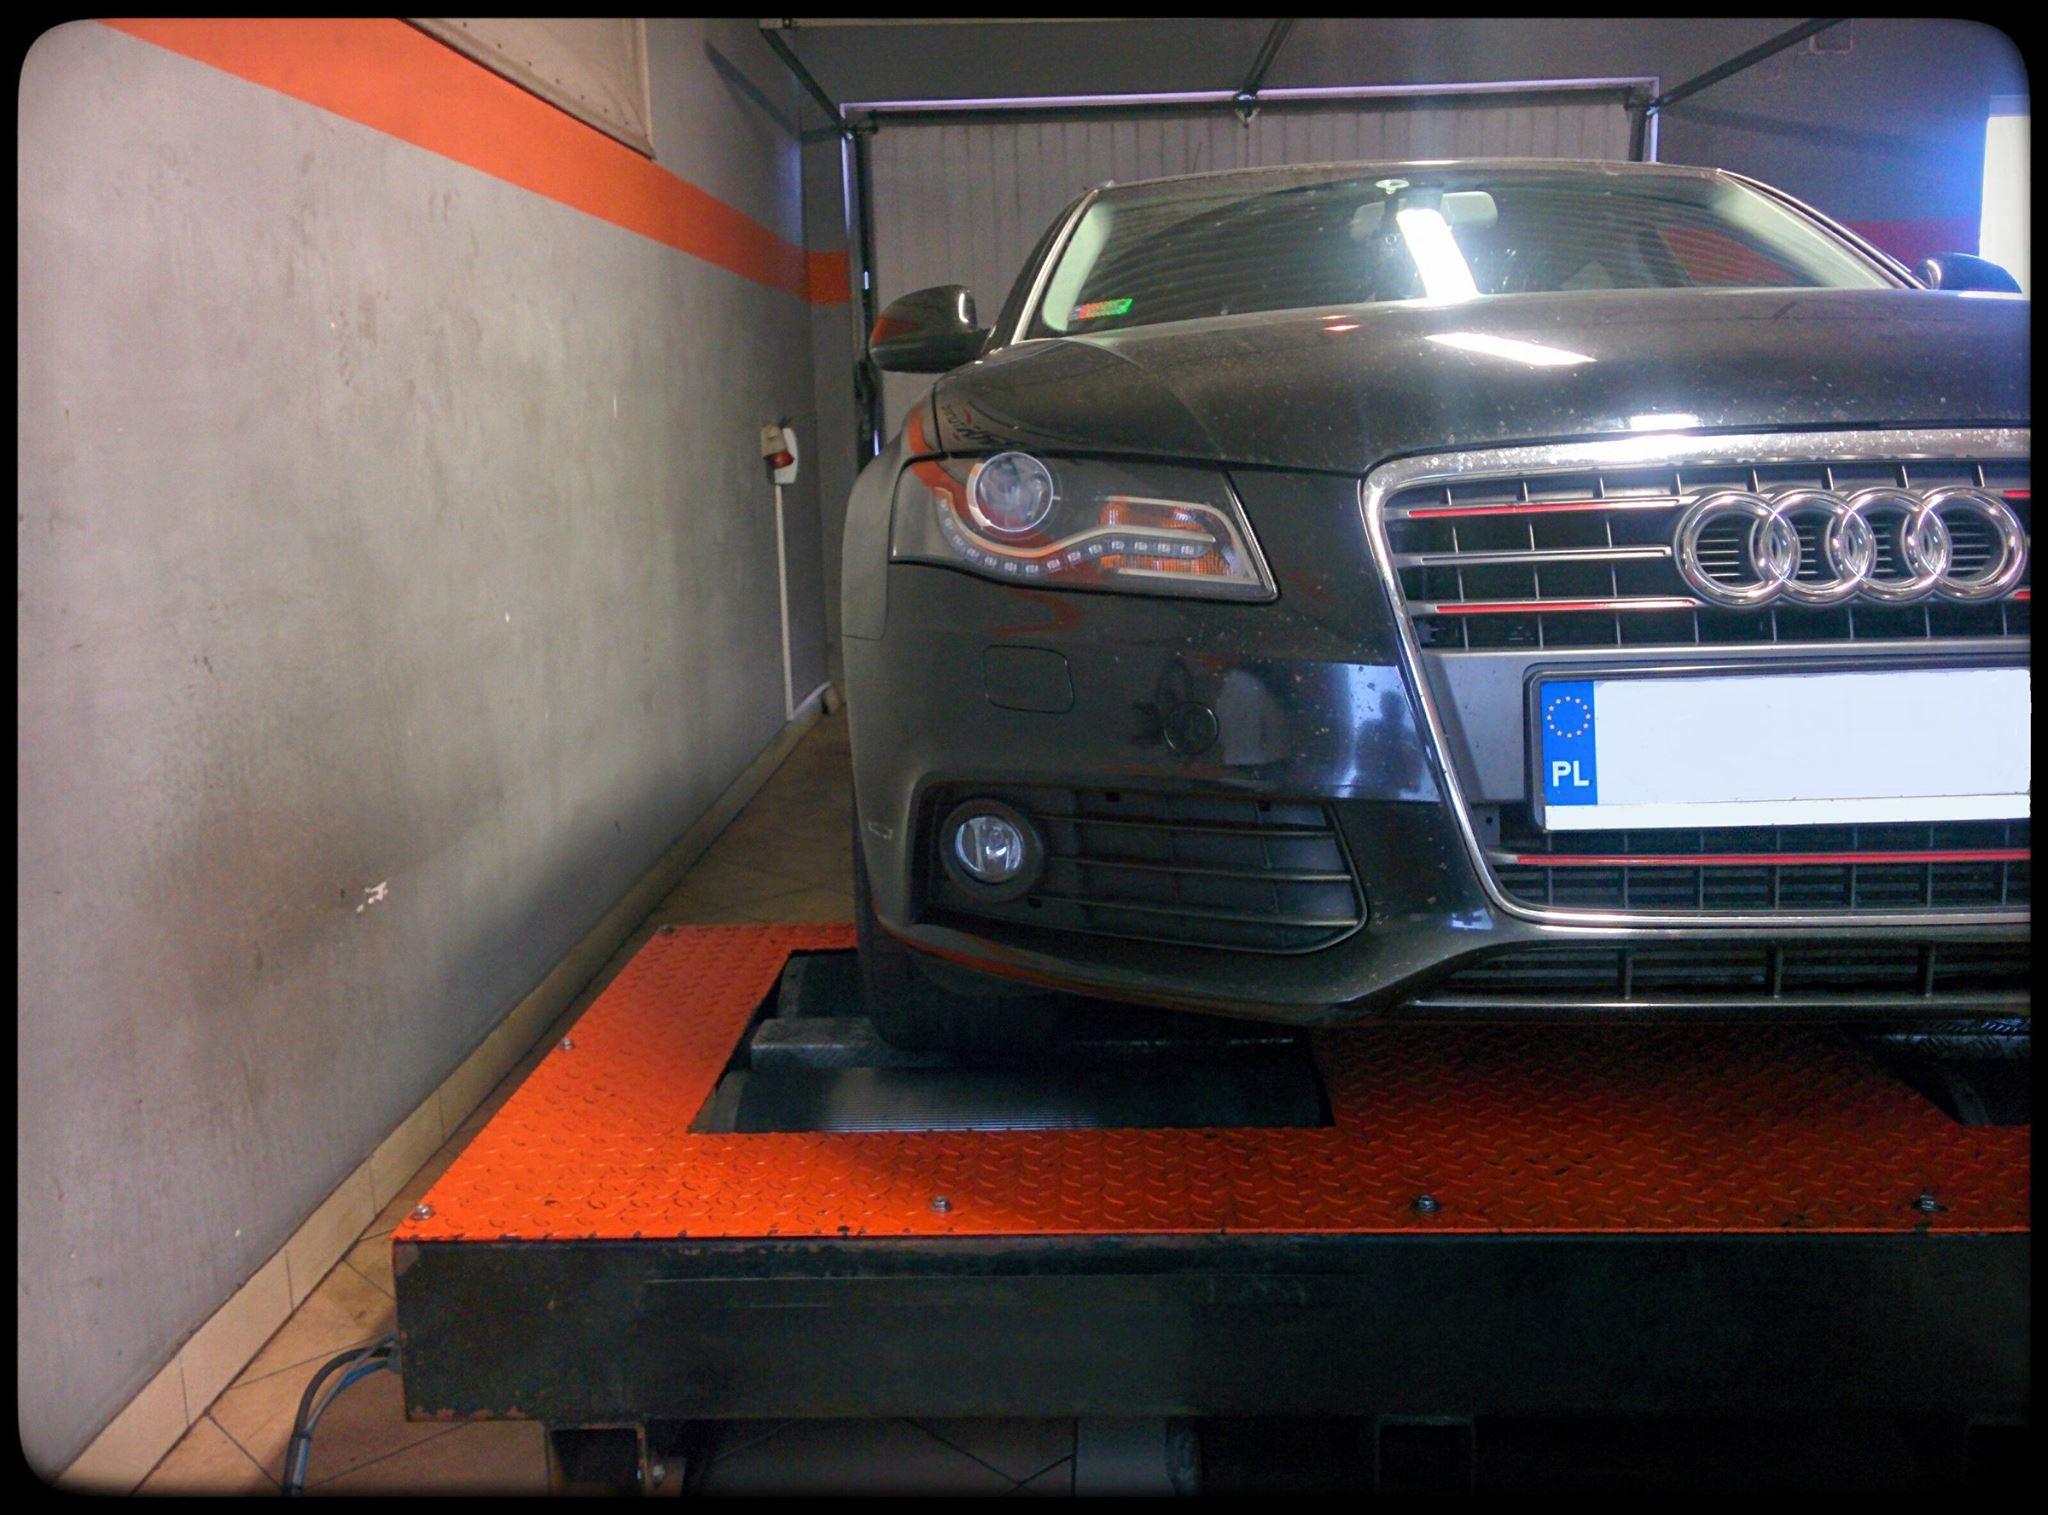 Audi A4 - po badaniu na hamowni wyraźnie widać wprzyrost mocy i momentu